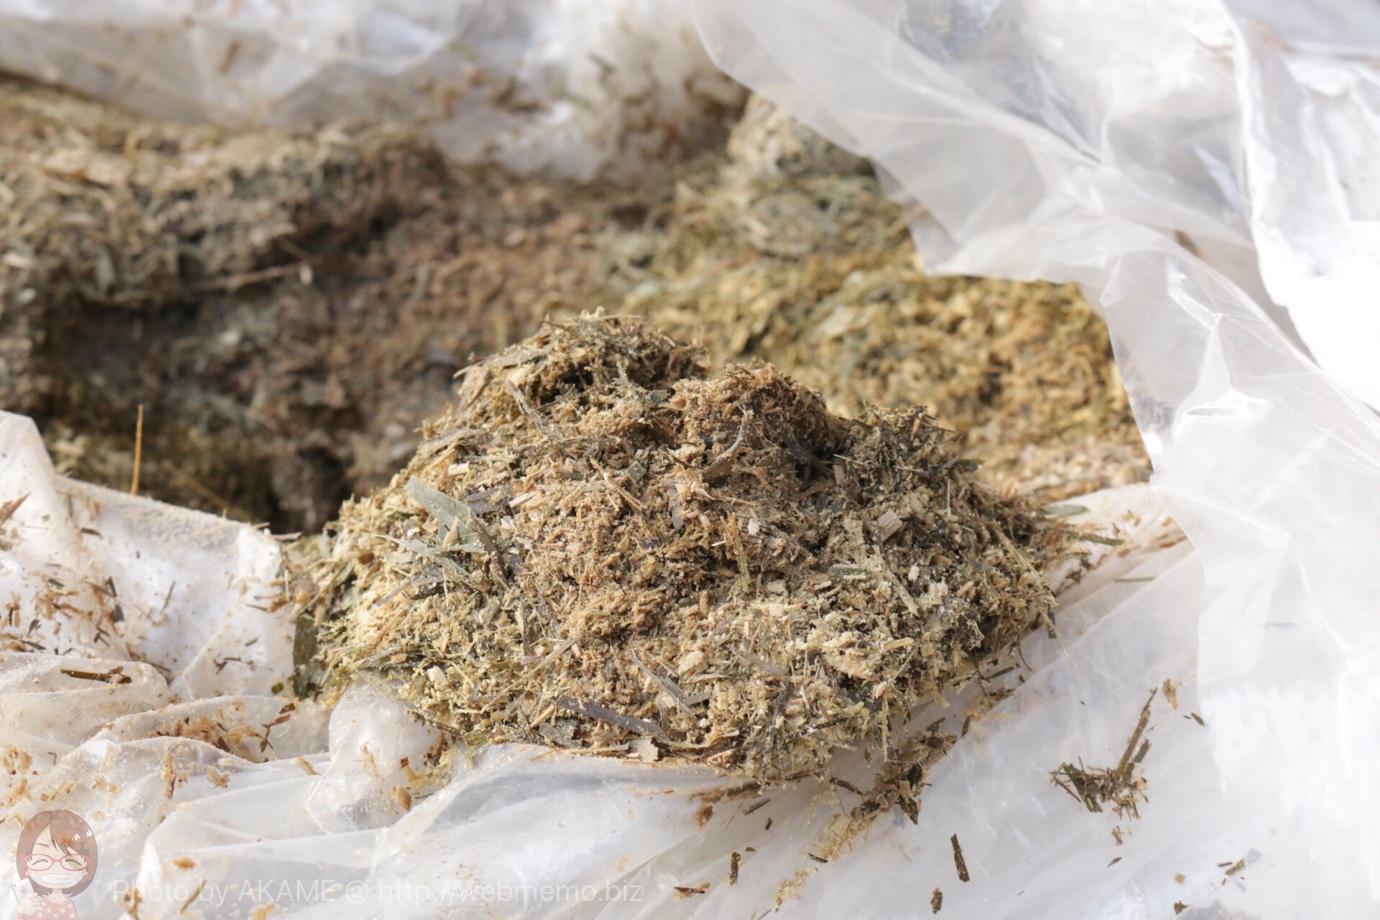 発酵中の堆肥